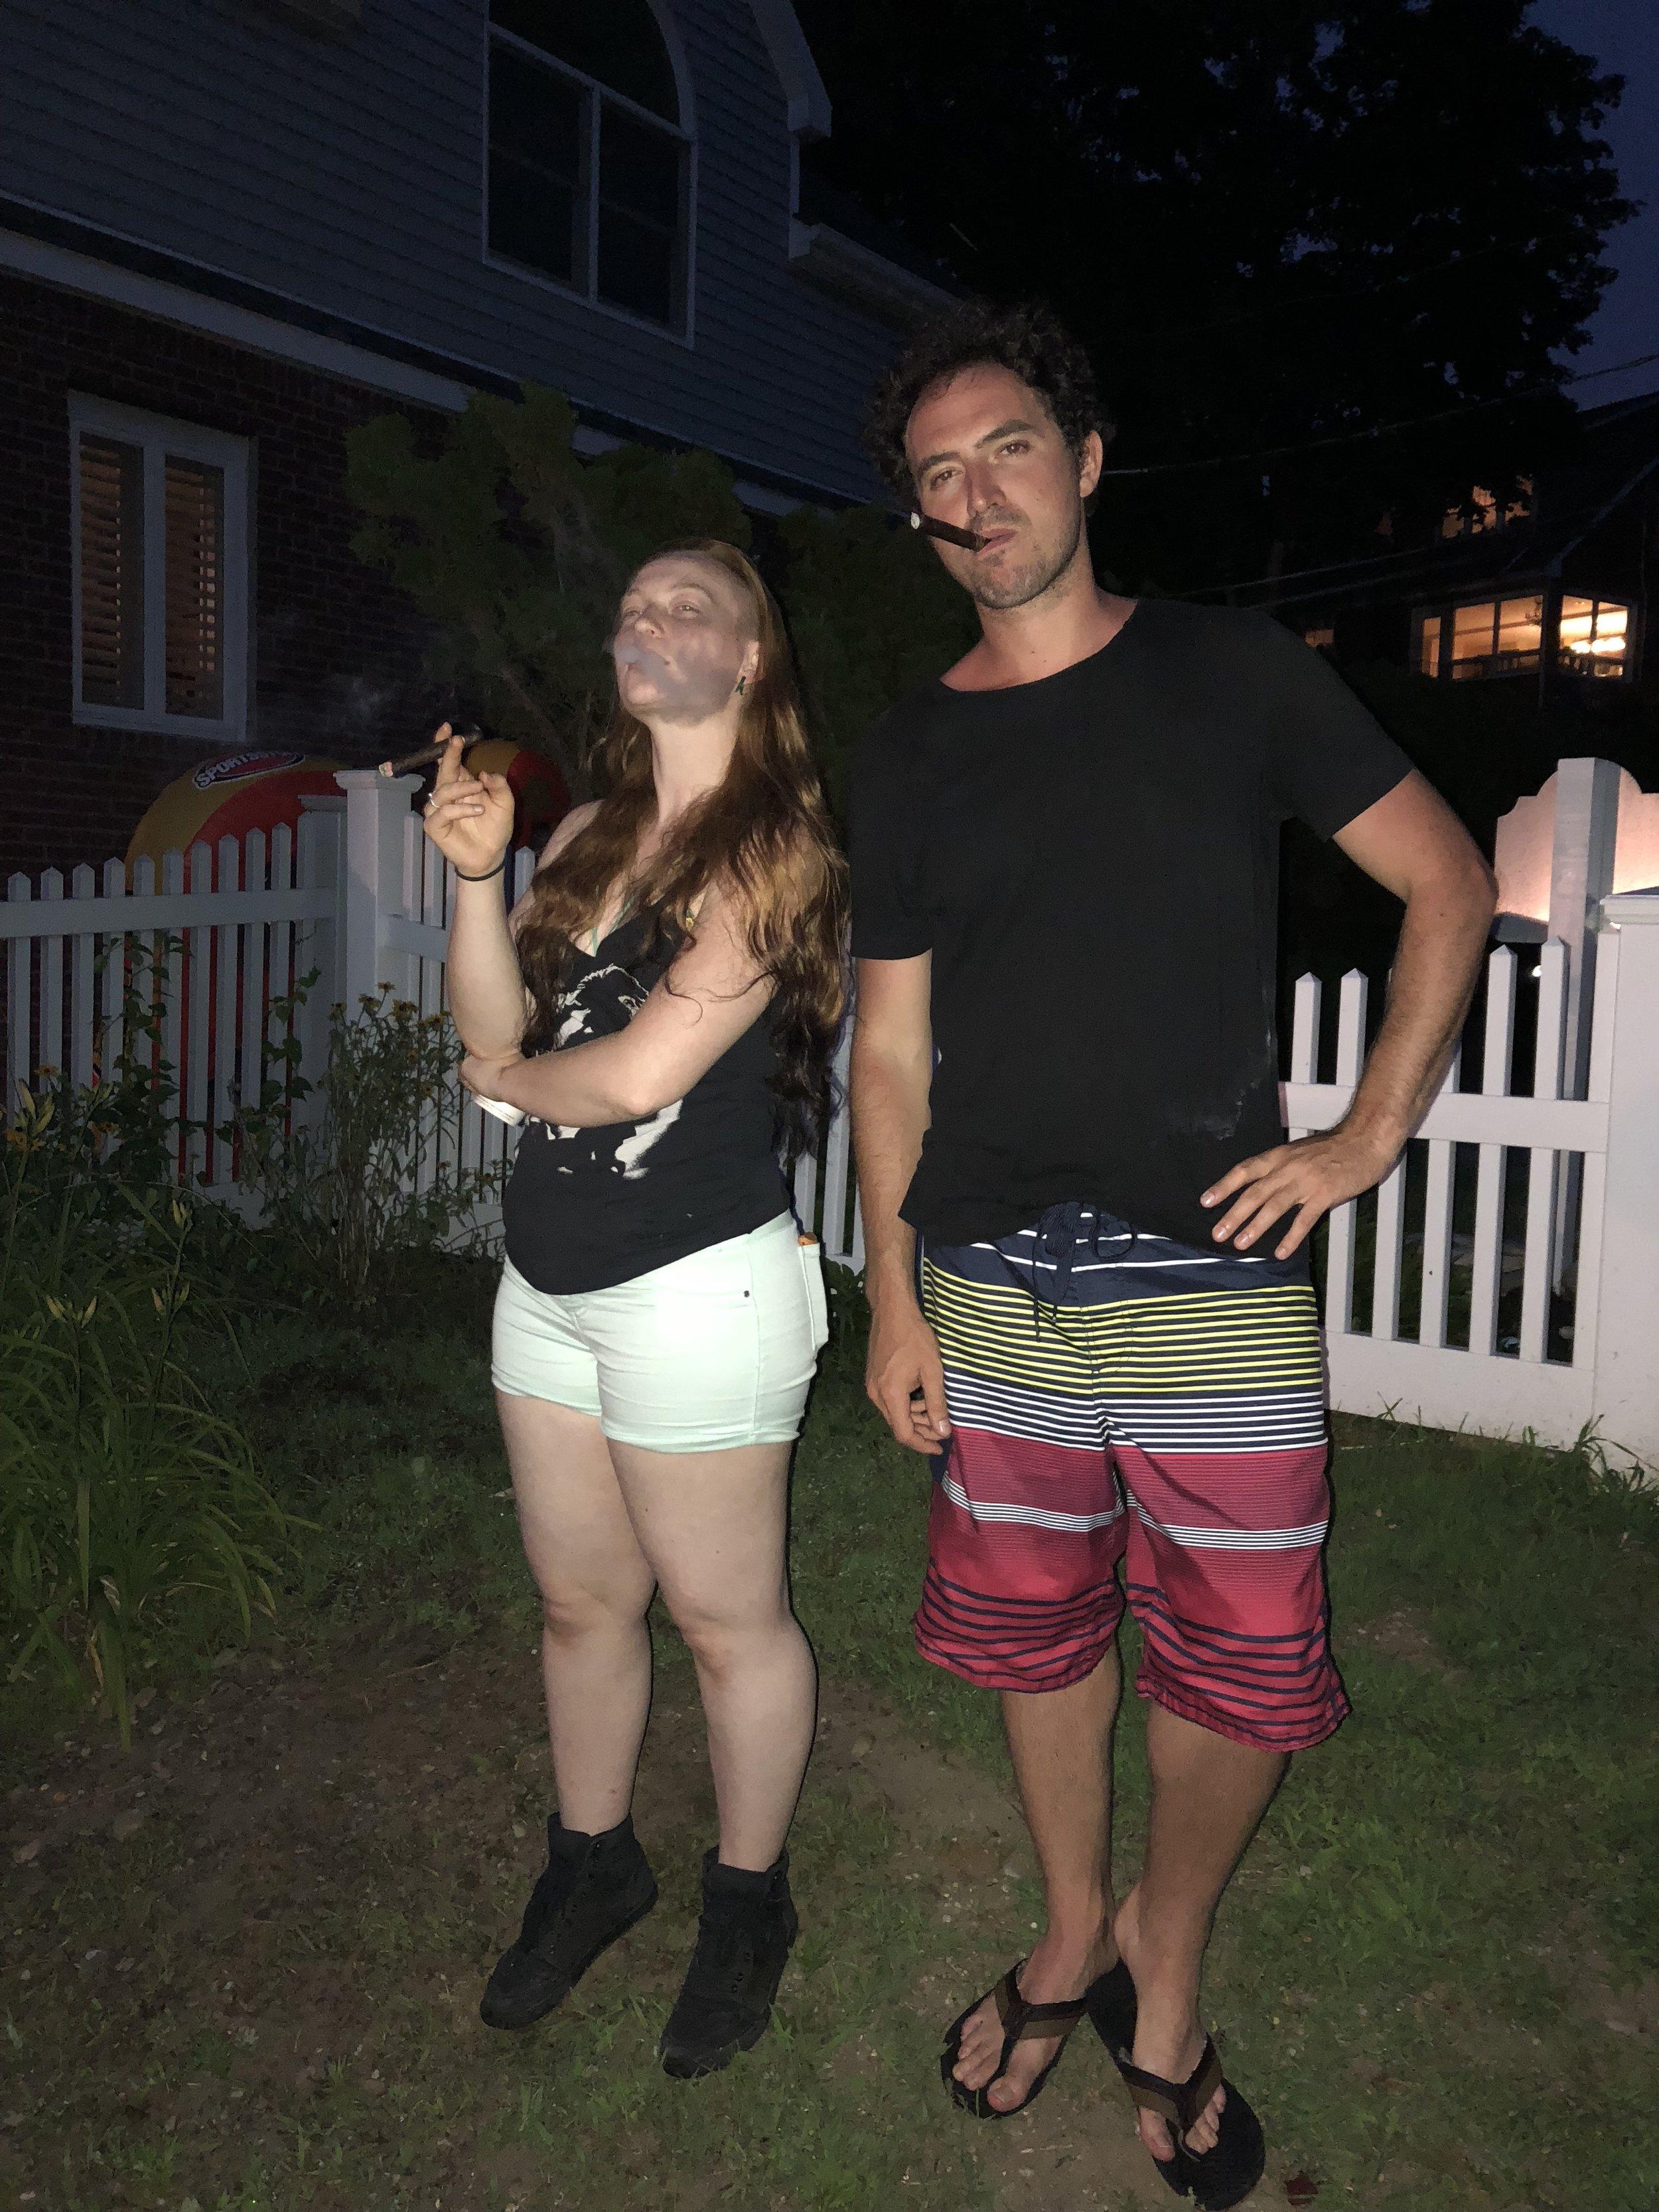 4 July 2018 - Adrianne & Davide during fireworks